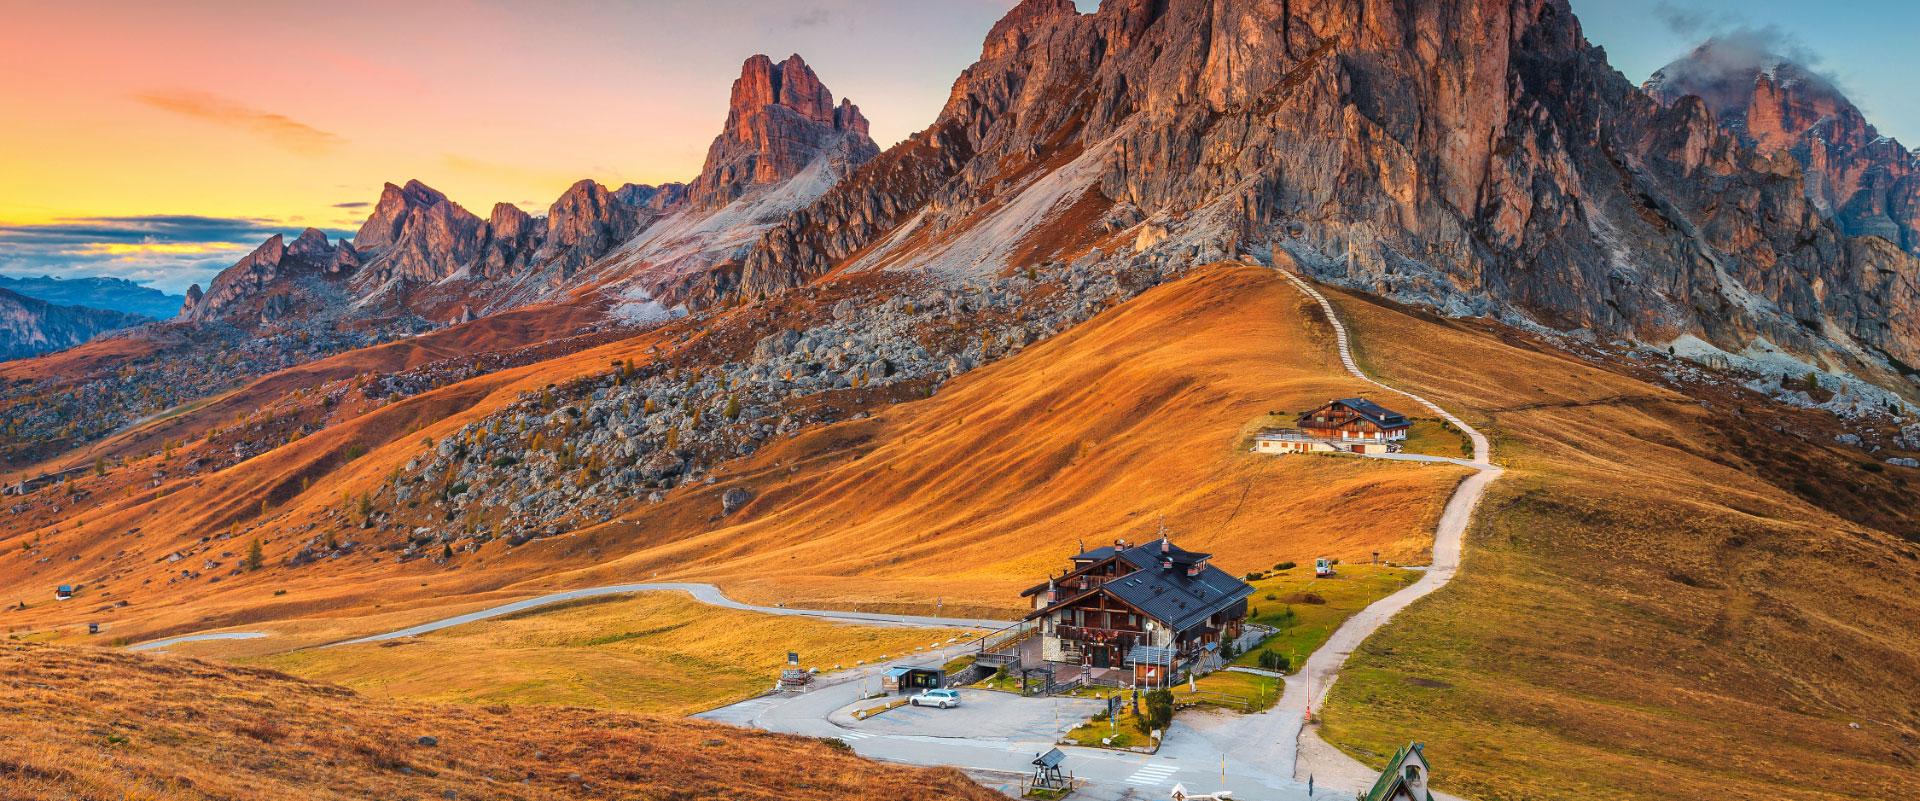 Wandern Sie mit uns die besten Routen in Europa, Nordamerika, Südamerika, Asien, Afrika oder Ozeanien.